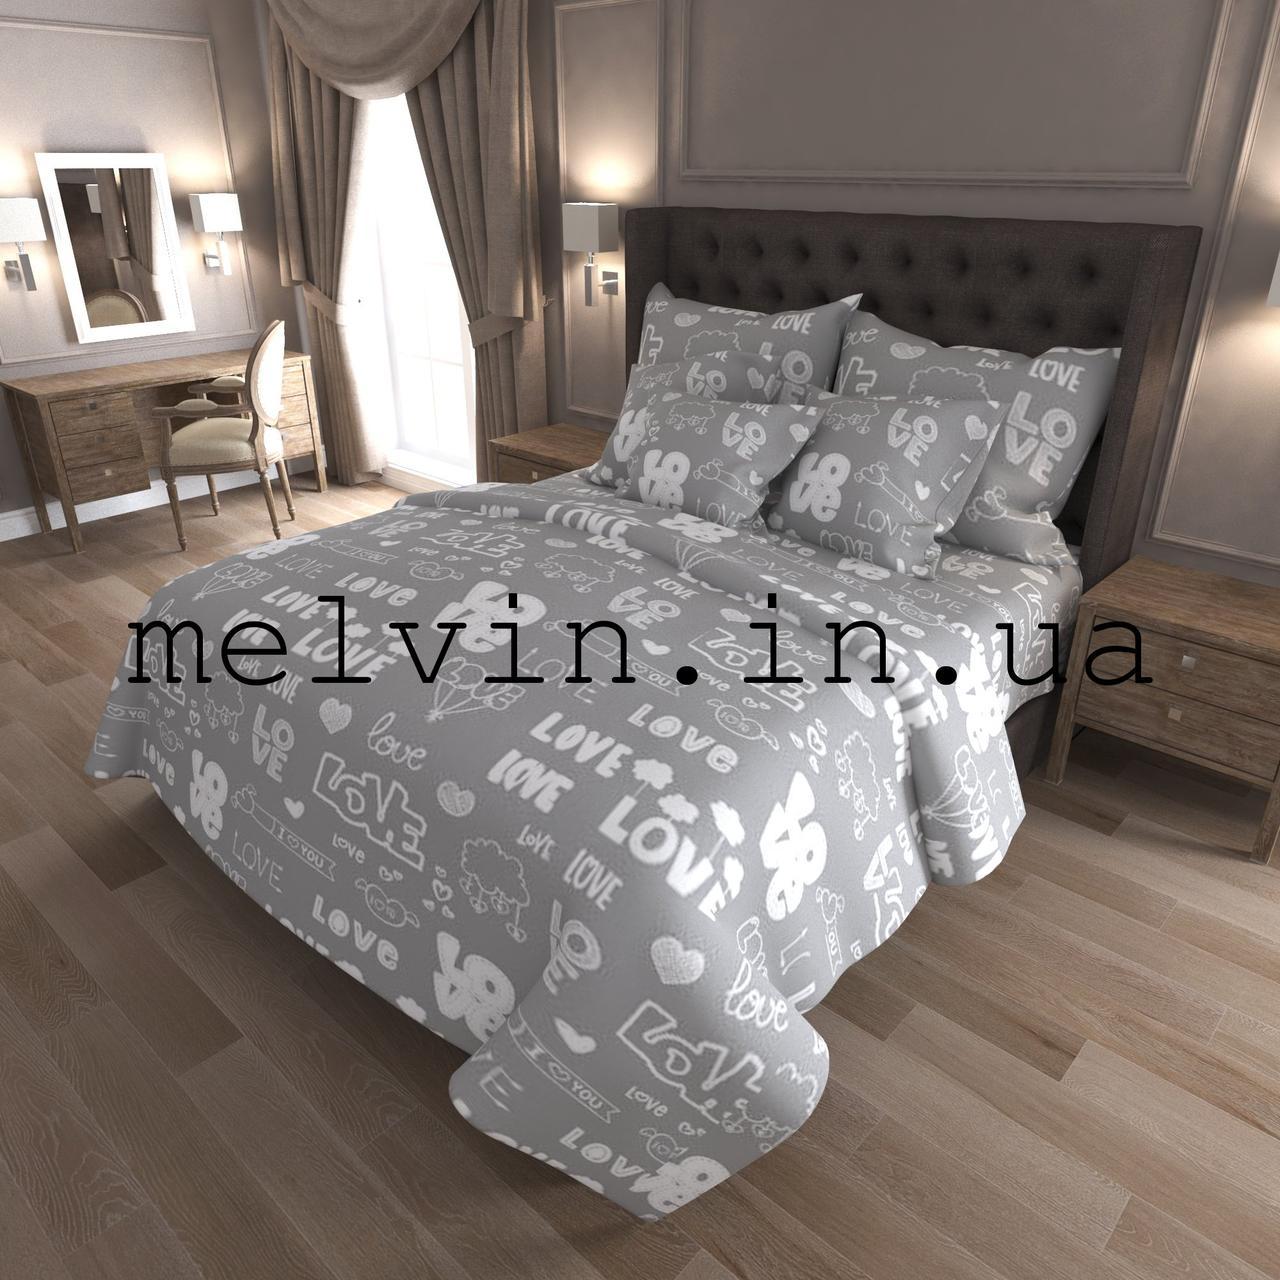 04cca01cc222 Комплект постельного белья бязь евро КАЧЕСТВО ЛЮКС Love : продажа ...